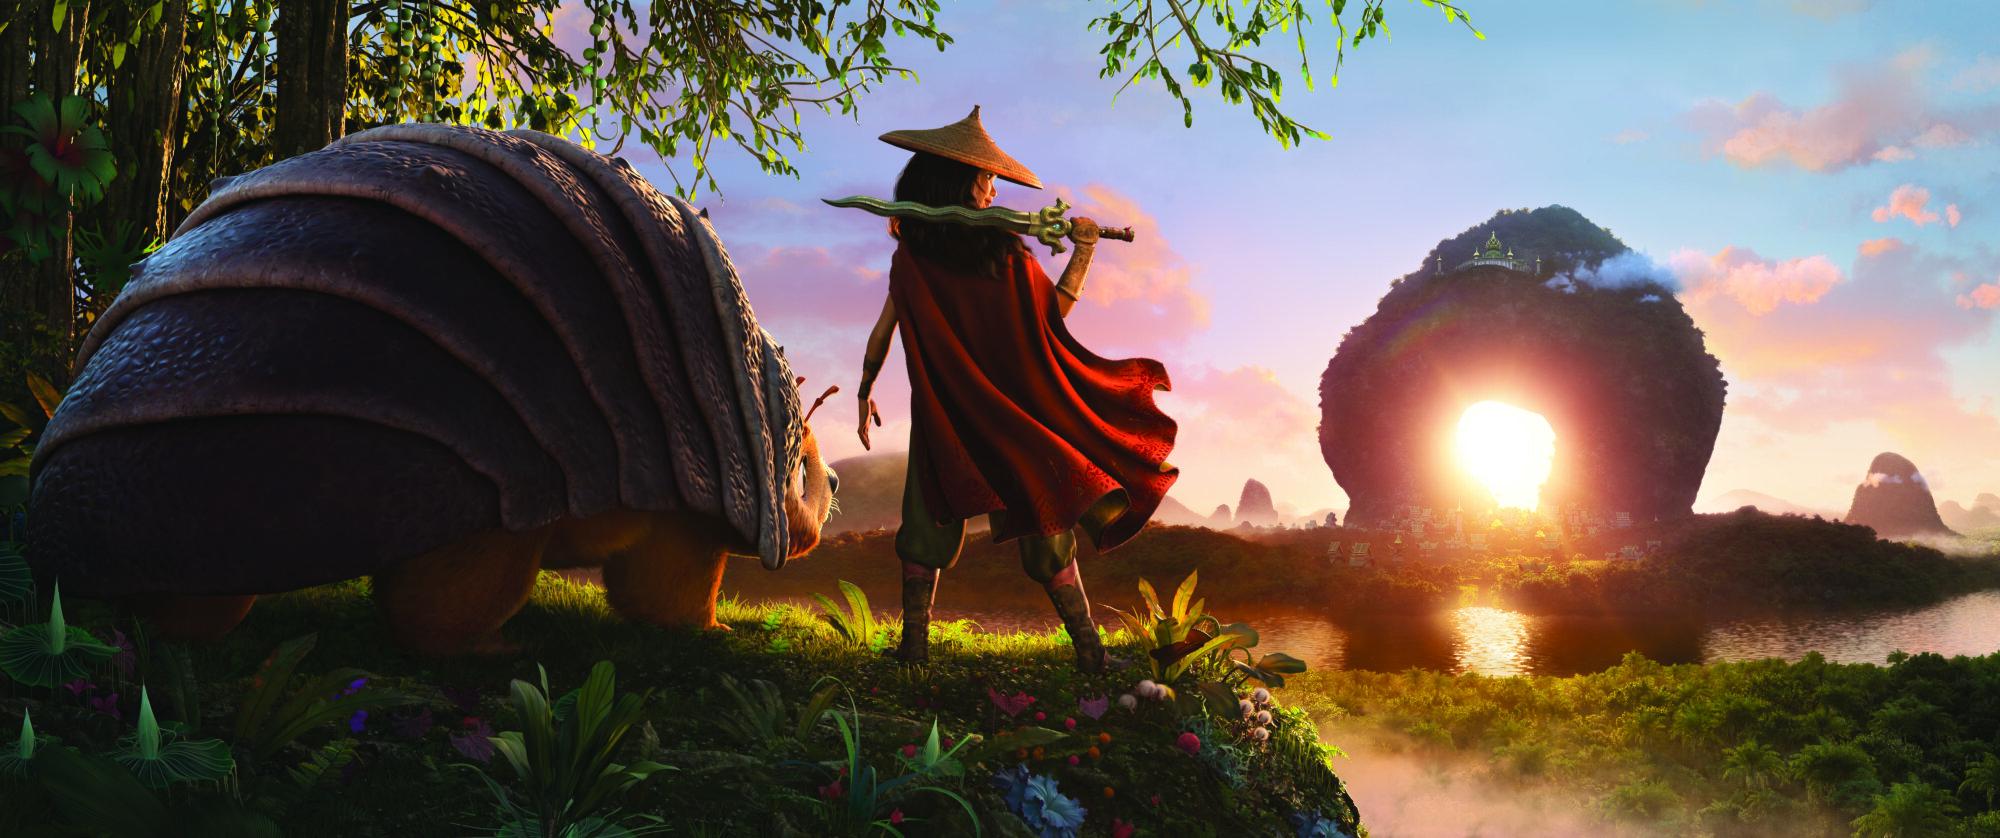 Tuk Tuk, Raya, and the Heart kingdom.